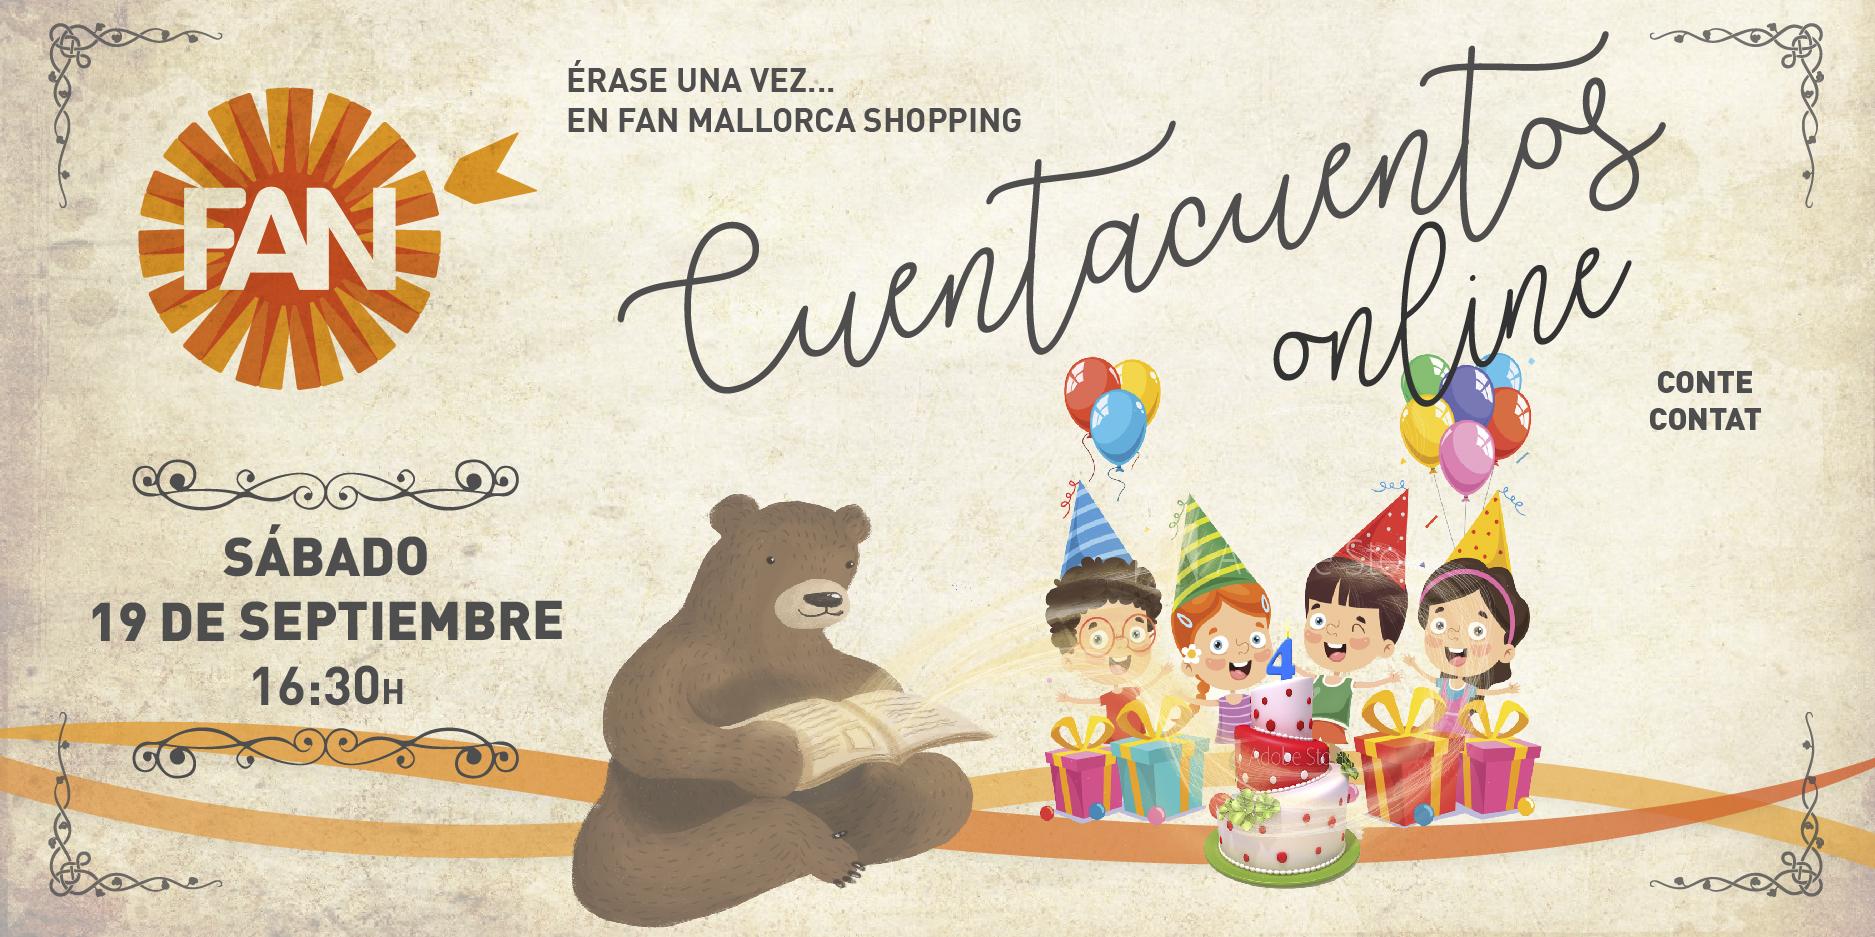 FAN_Cuentacuentos 4 aniversario-01